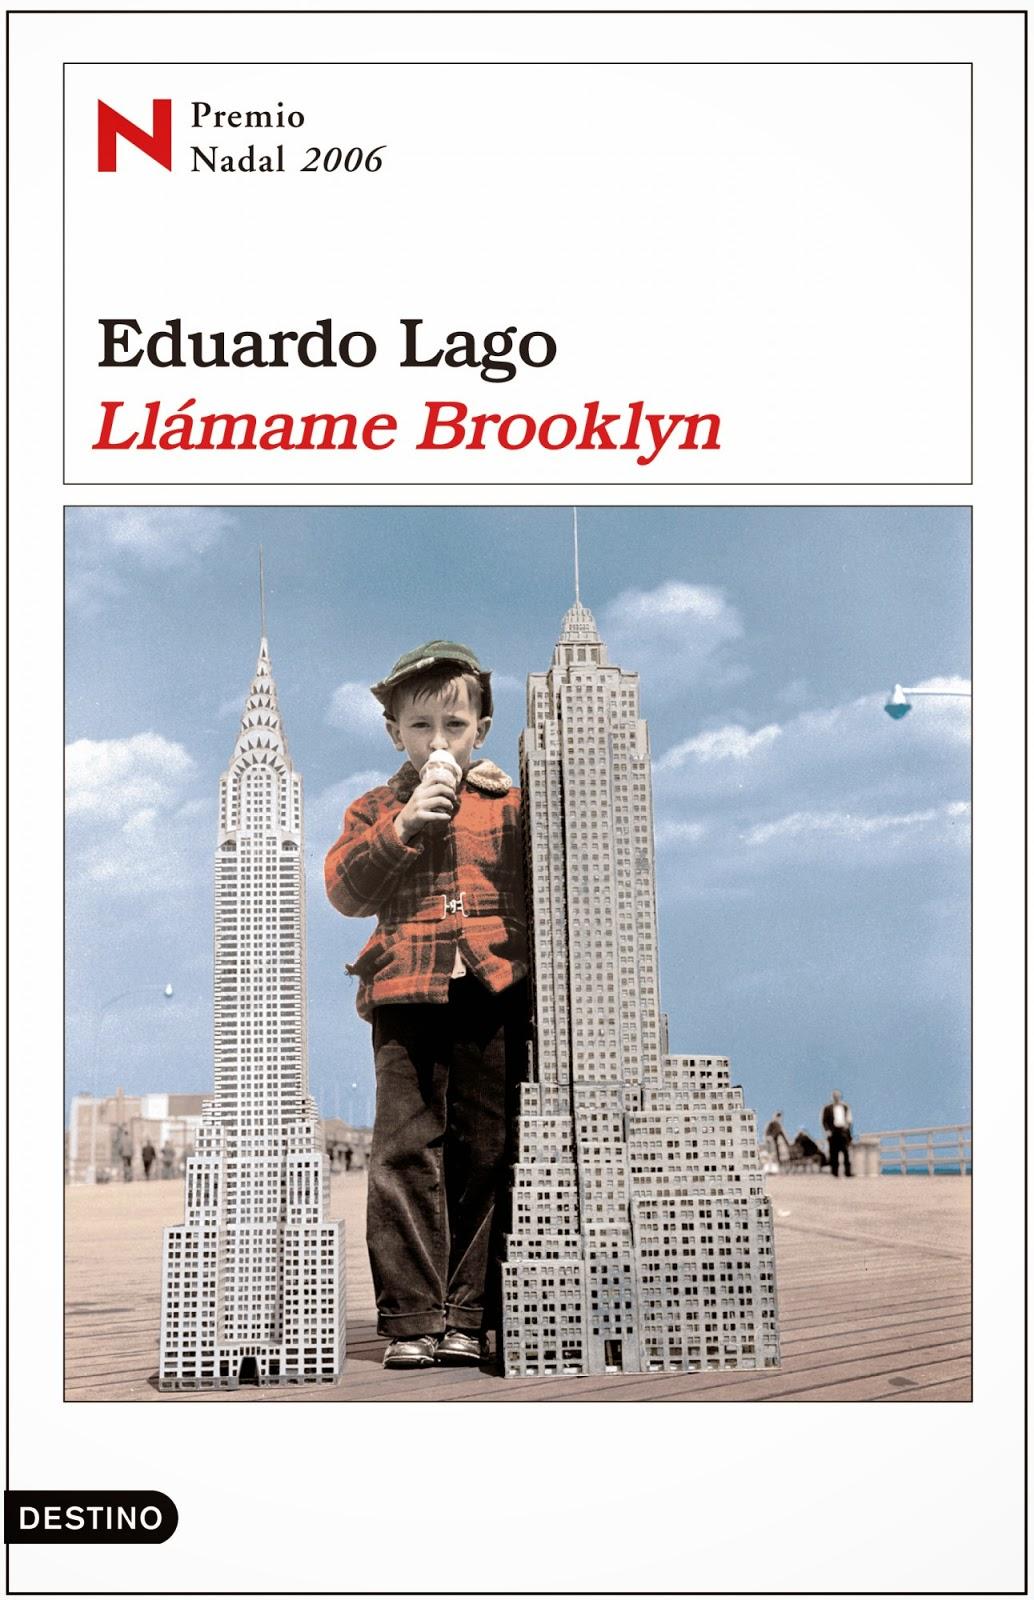 Escritores hispánicos en METBLEU 2014 (I):  Eduardo Lago (España)